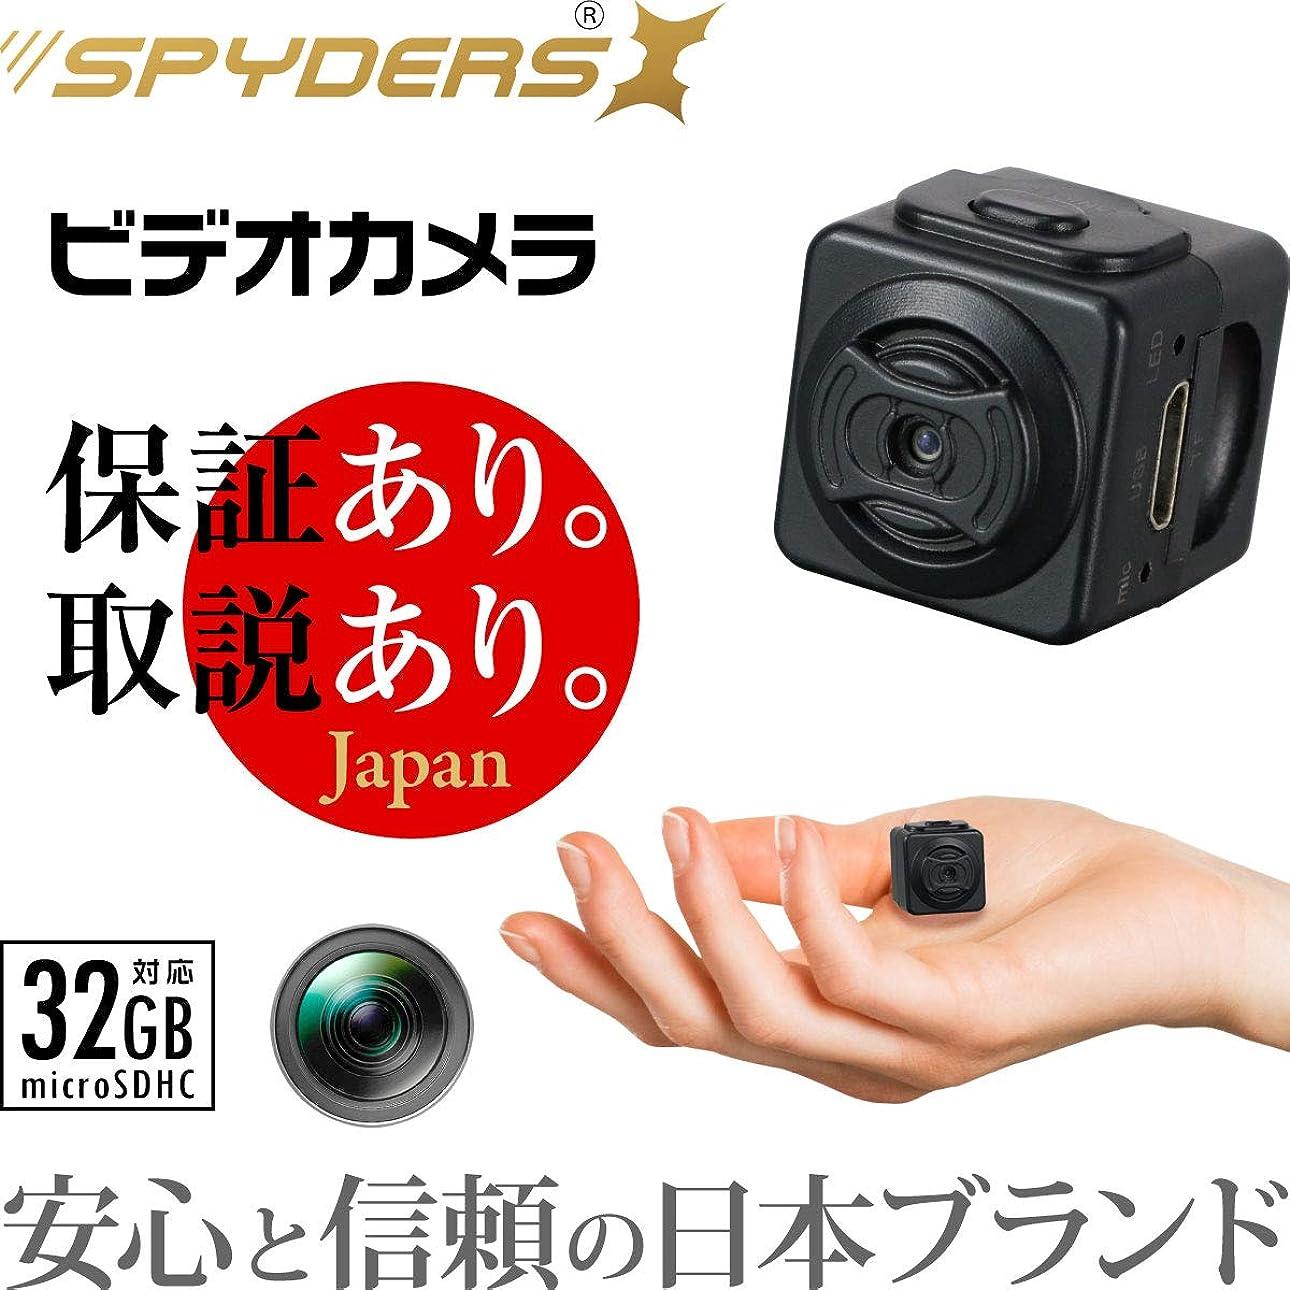 ギャップ山岳補助金スパイダーズX 小型カメラ ビデオカメラユニット 防犯カメラ 動体検知 ミニサイズ スパイカメラ U-201